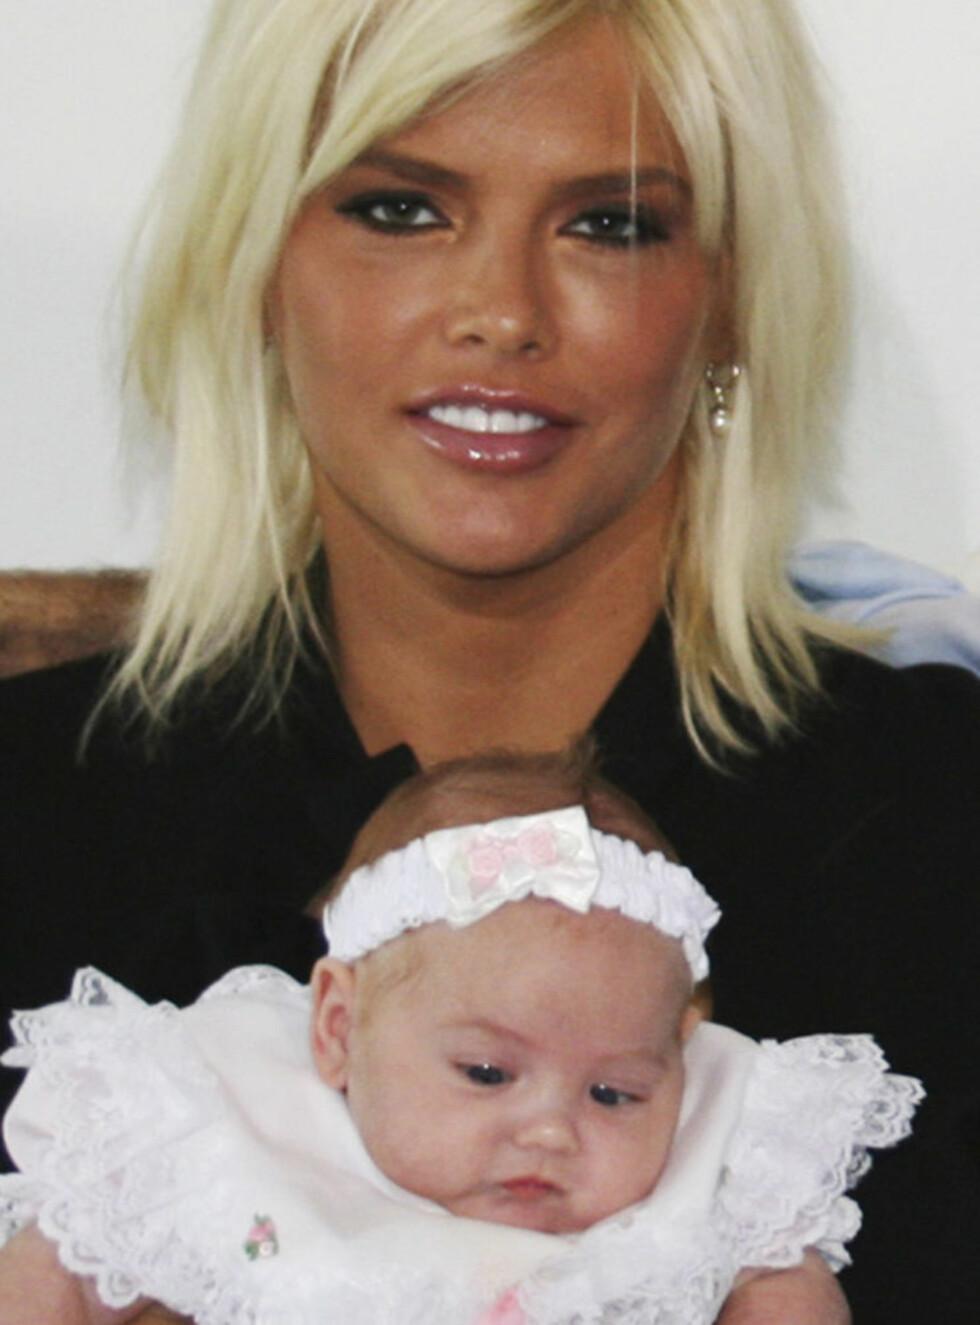 TØFF START: Er Anna Nicoles datter skadd av morens rusmisbruk? Foto: AP